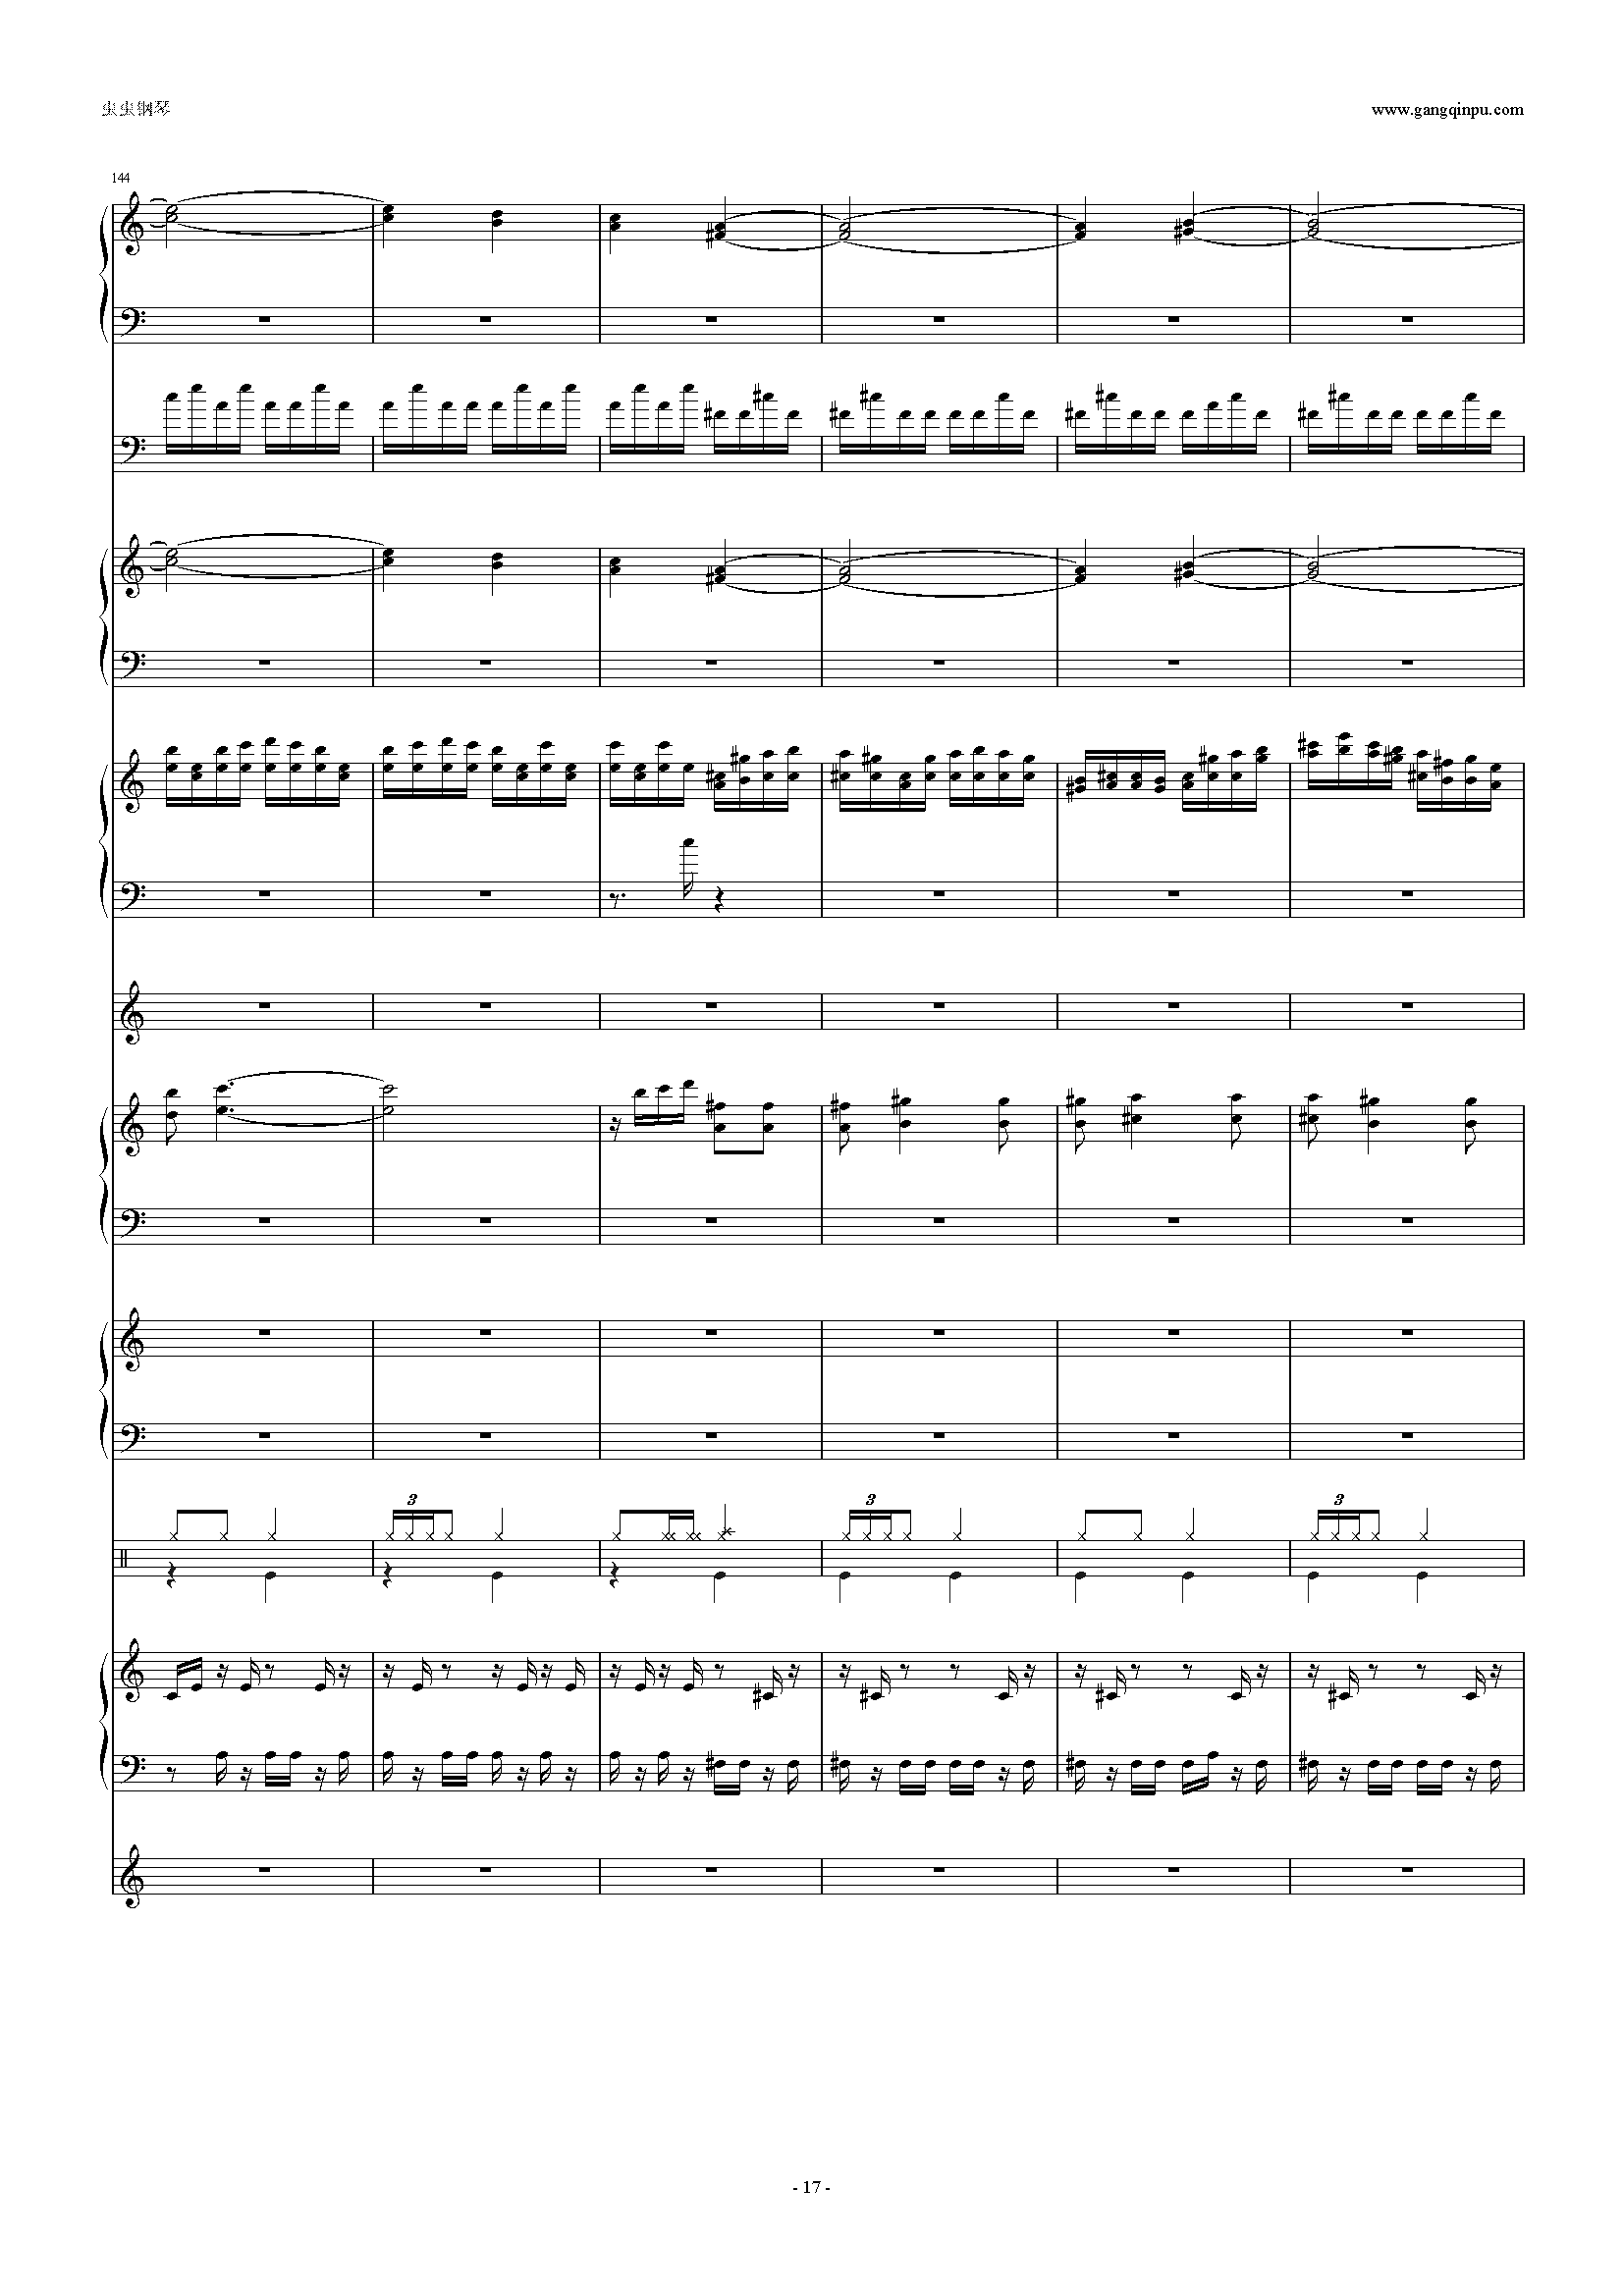 少女幻葬钢琴谱 第17页